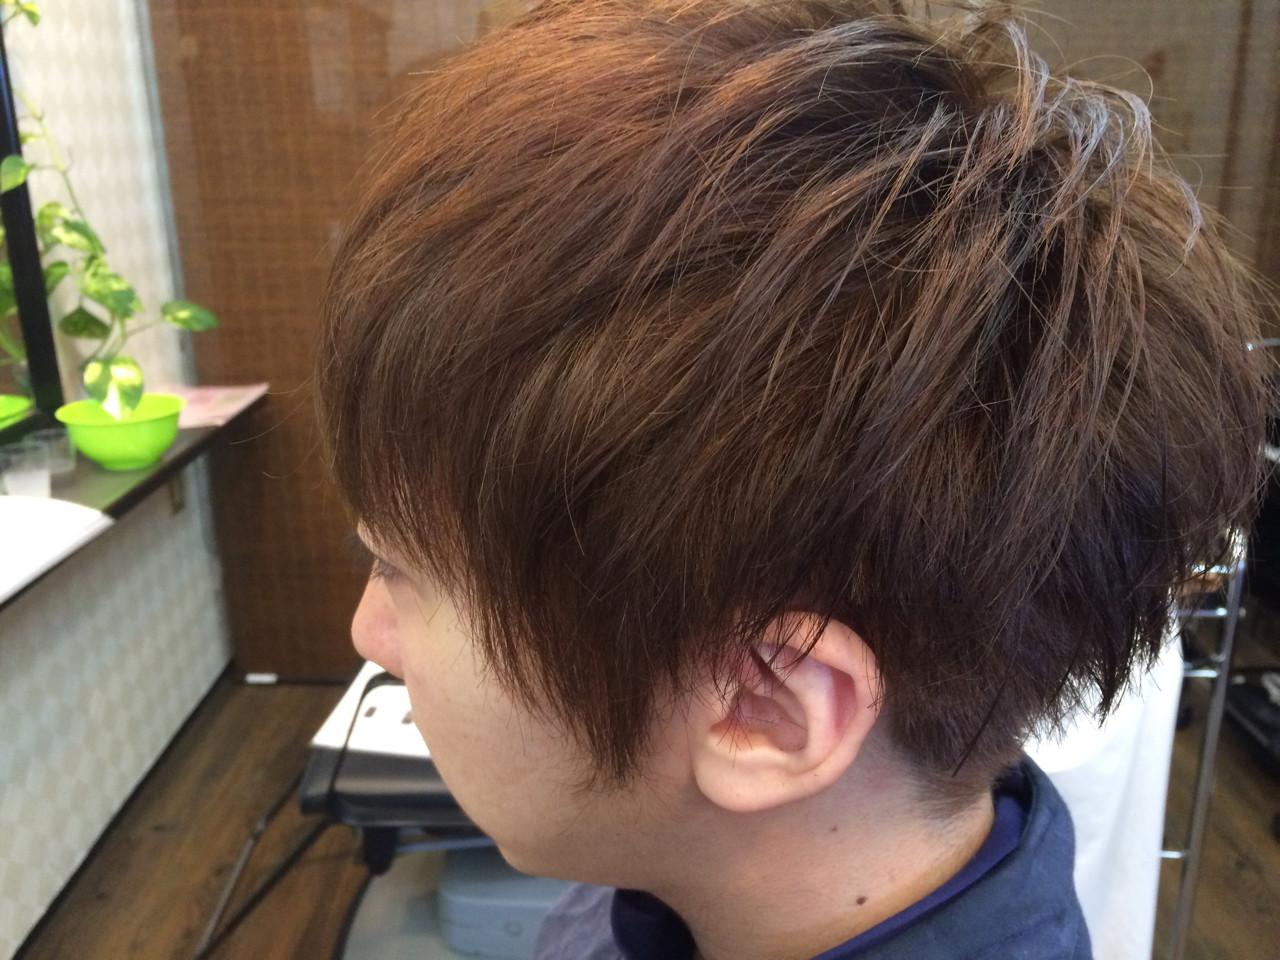 メンズ マッシュ ストリート ショート ヘアスタイルや髪型の写真・画像 | タバタマサト / animi hair make (アニミー ヘアー メイク)